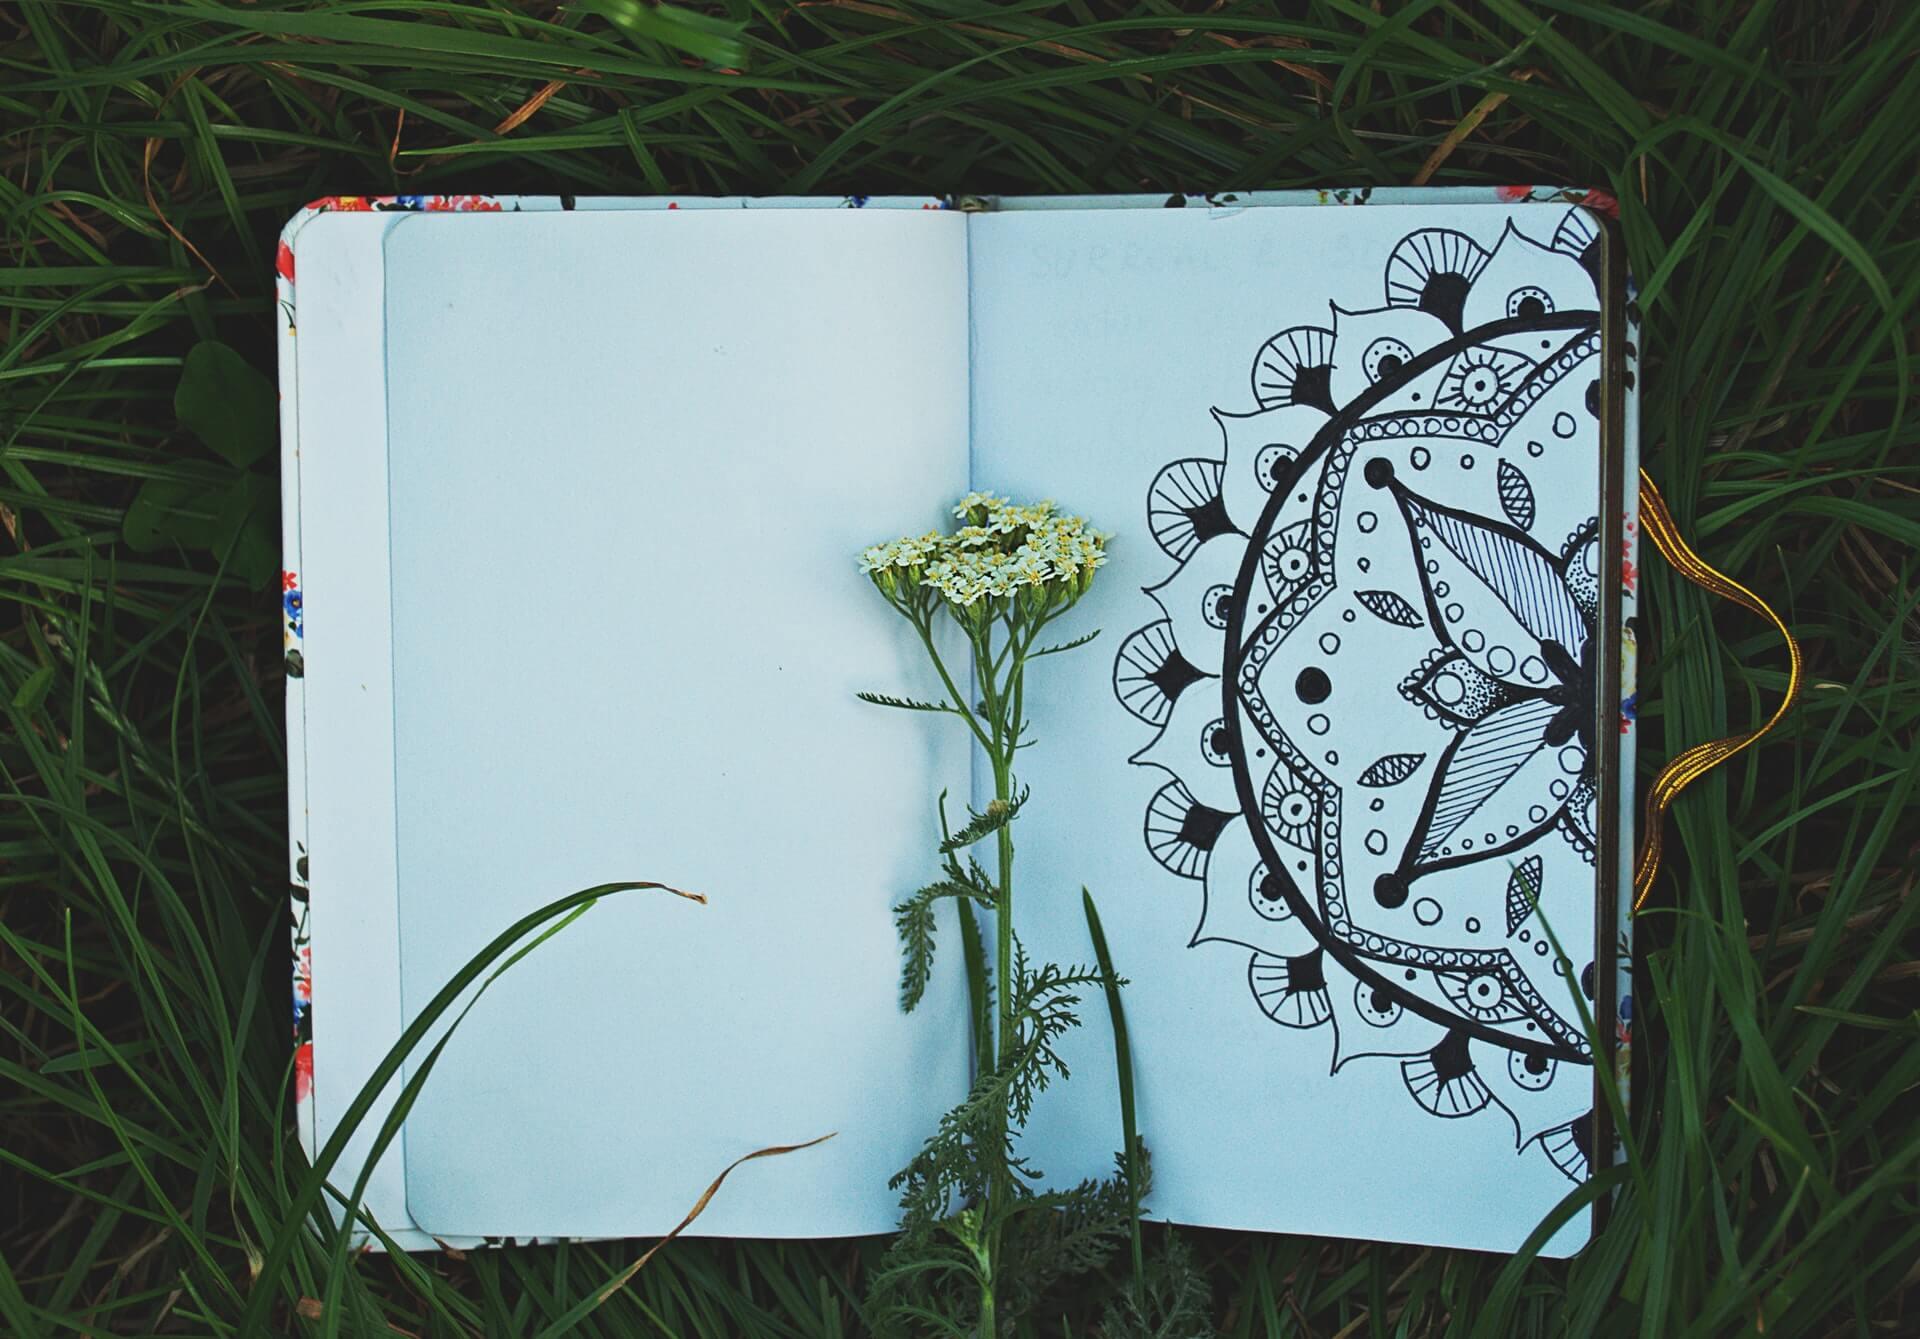 Tagebuch schreiben - Selbstbewusstsein stärken